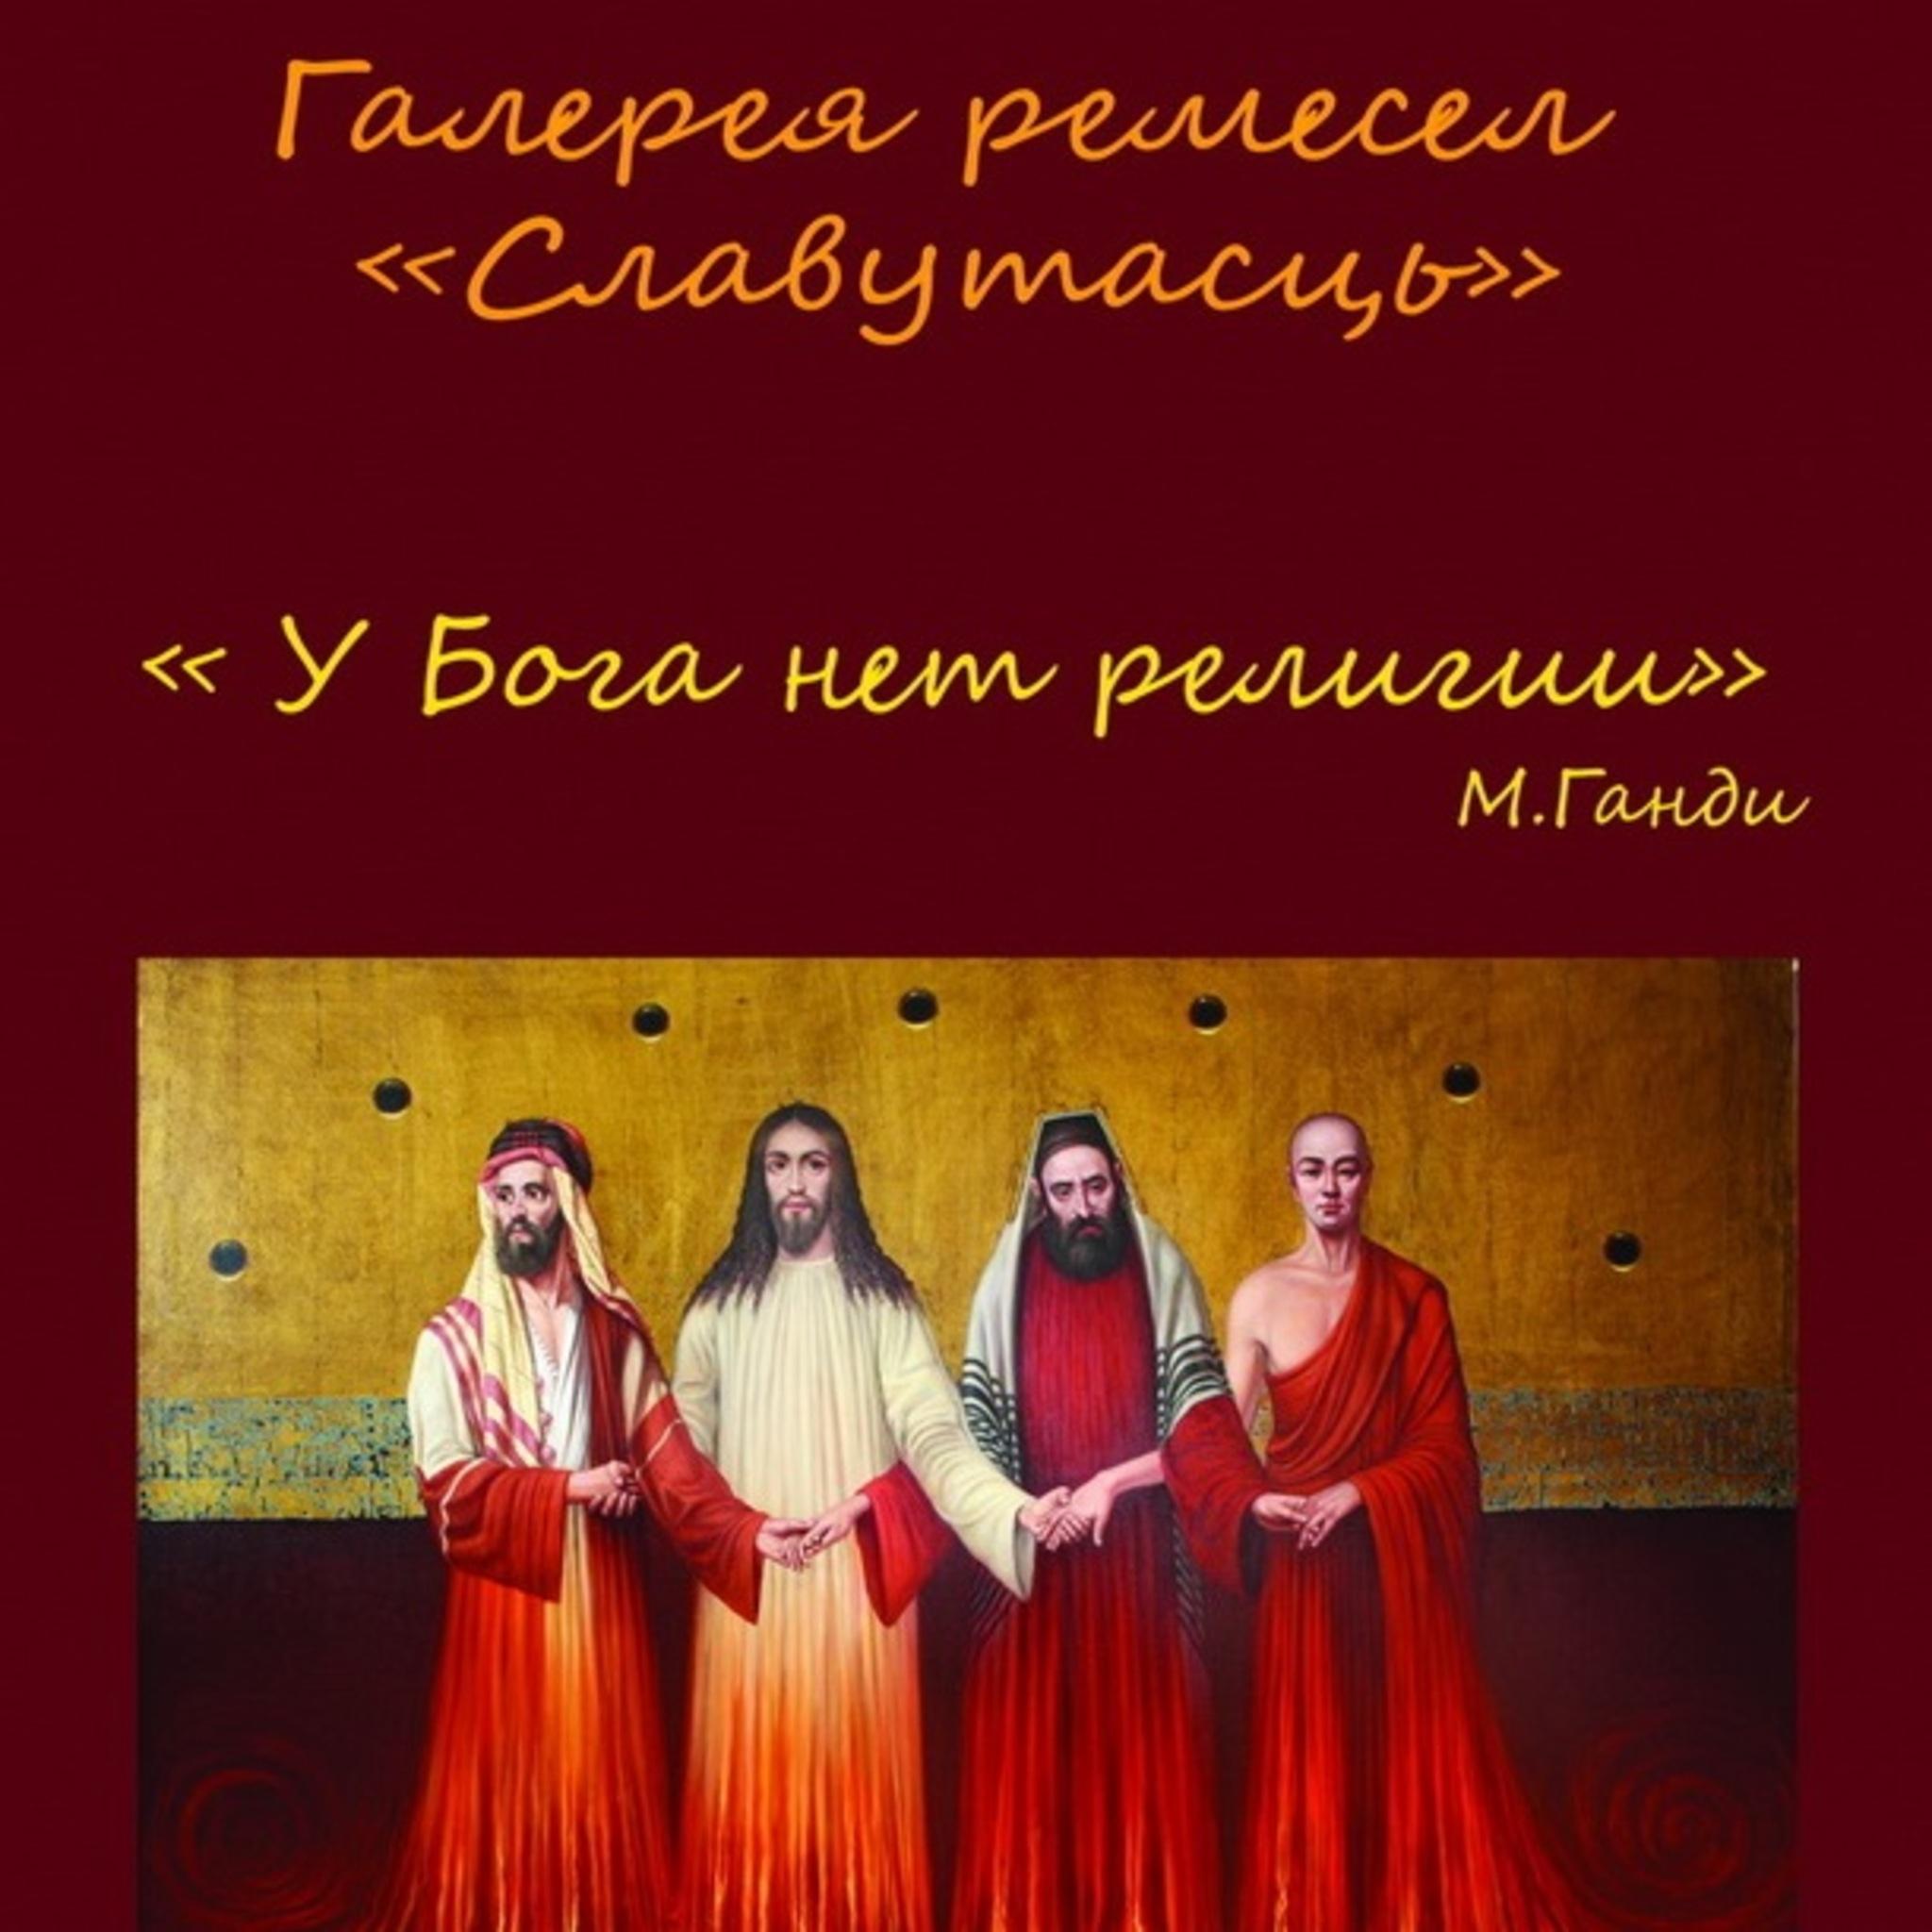 The exhibition of Sergey Plotnikov God has no religion